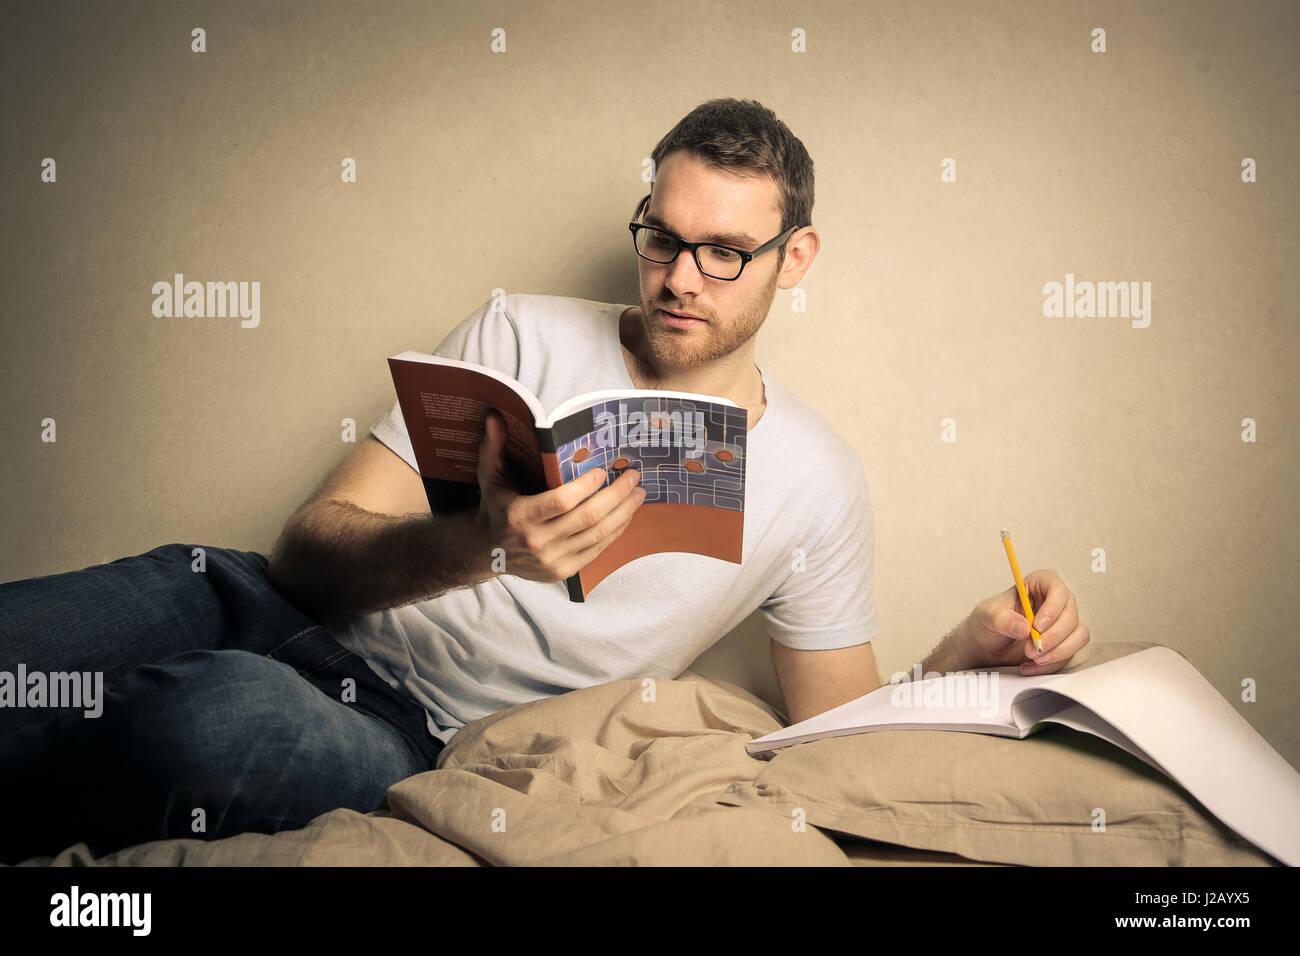 El hombre estudiando desde libros y tomando notas Imagen De Stock